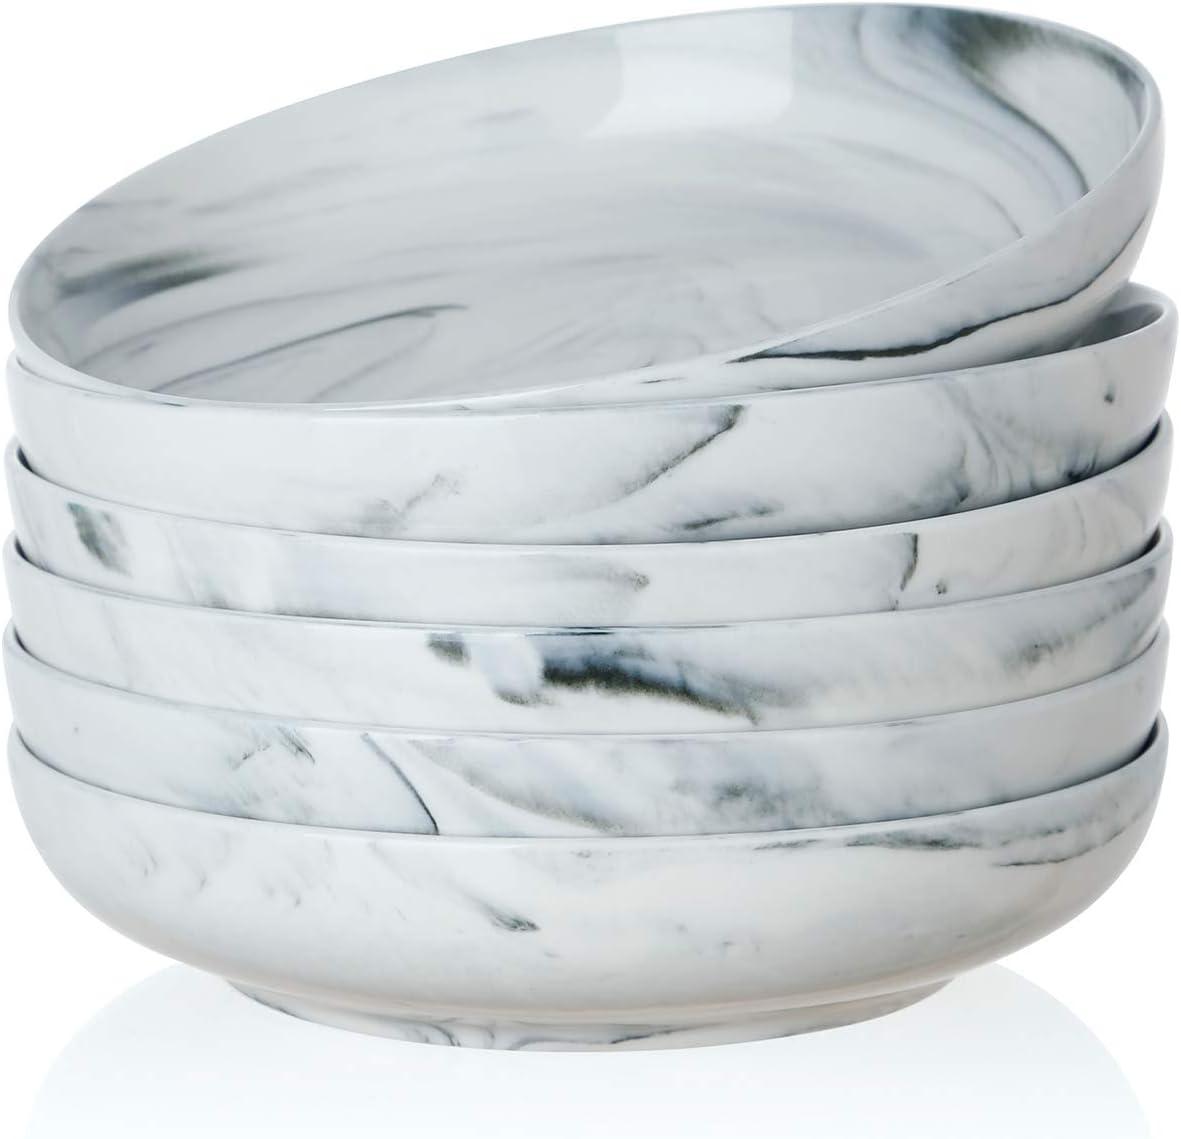 SWEEJAR Ceramic Pasta Bowls Set, 22 OZ for Salad, Soup, Cereal, Set of 6 (Grey)